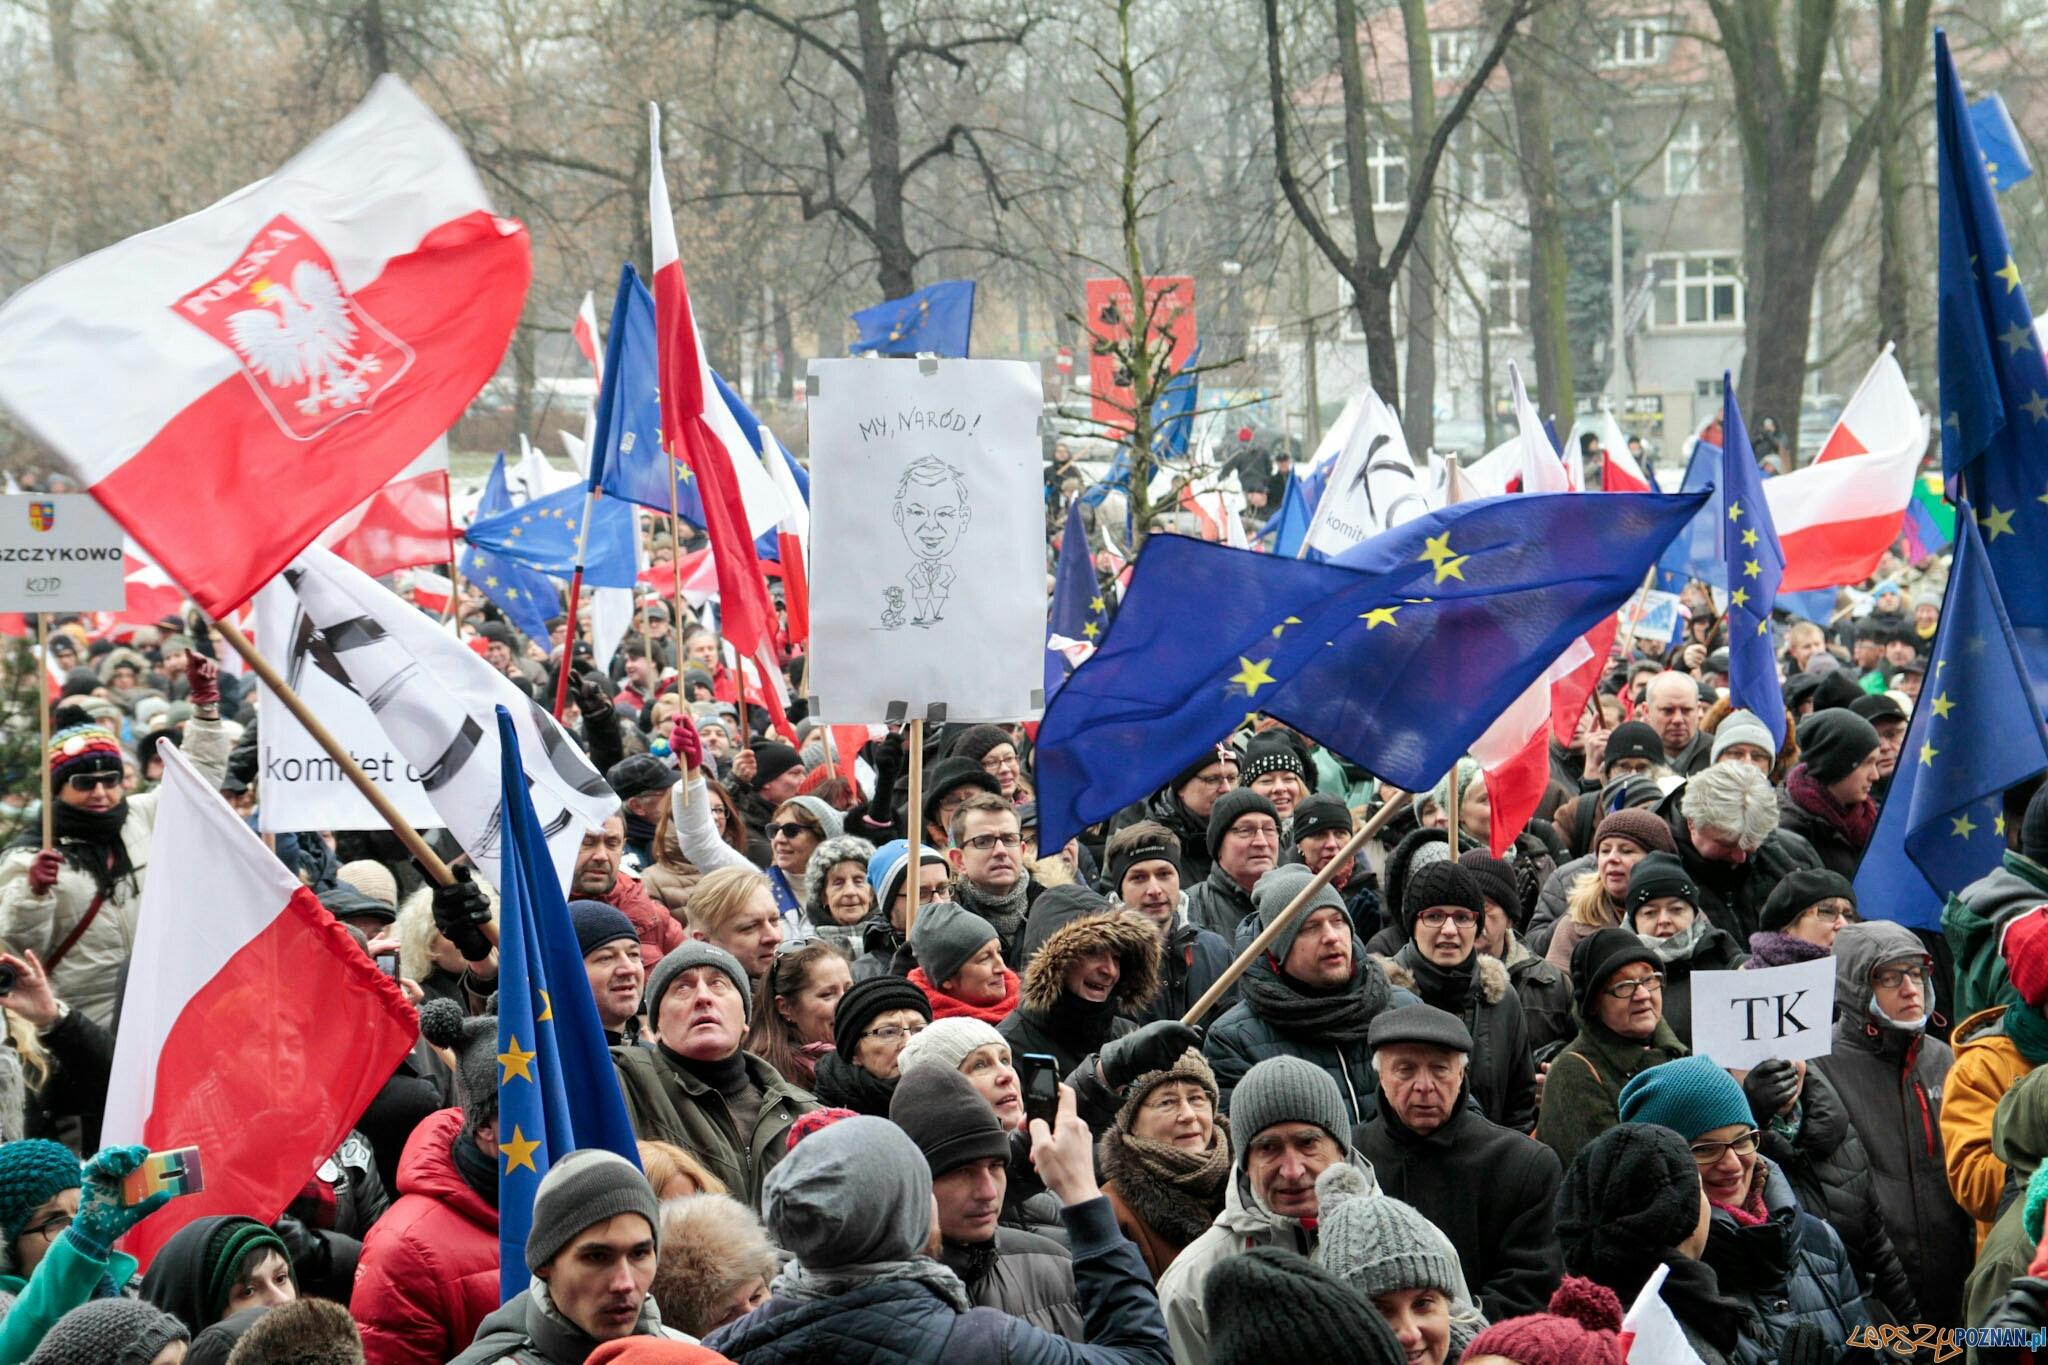 """Marsz """"W obronie Twojej wolności"""" - Poznań 23.01.2016 r.  Foto: LepszyPOZNAN.pl / Paweł Rychter"""